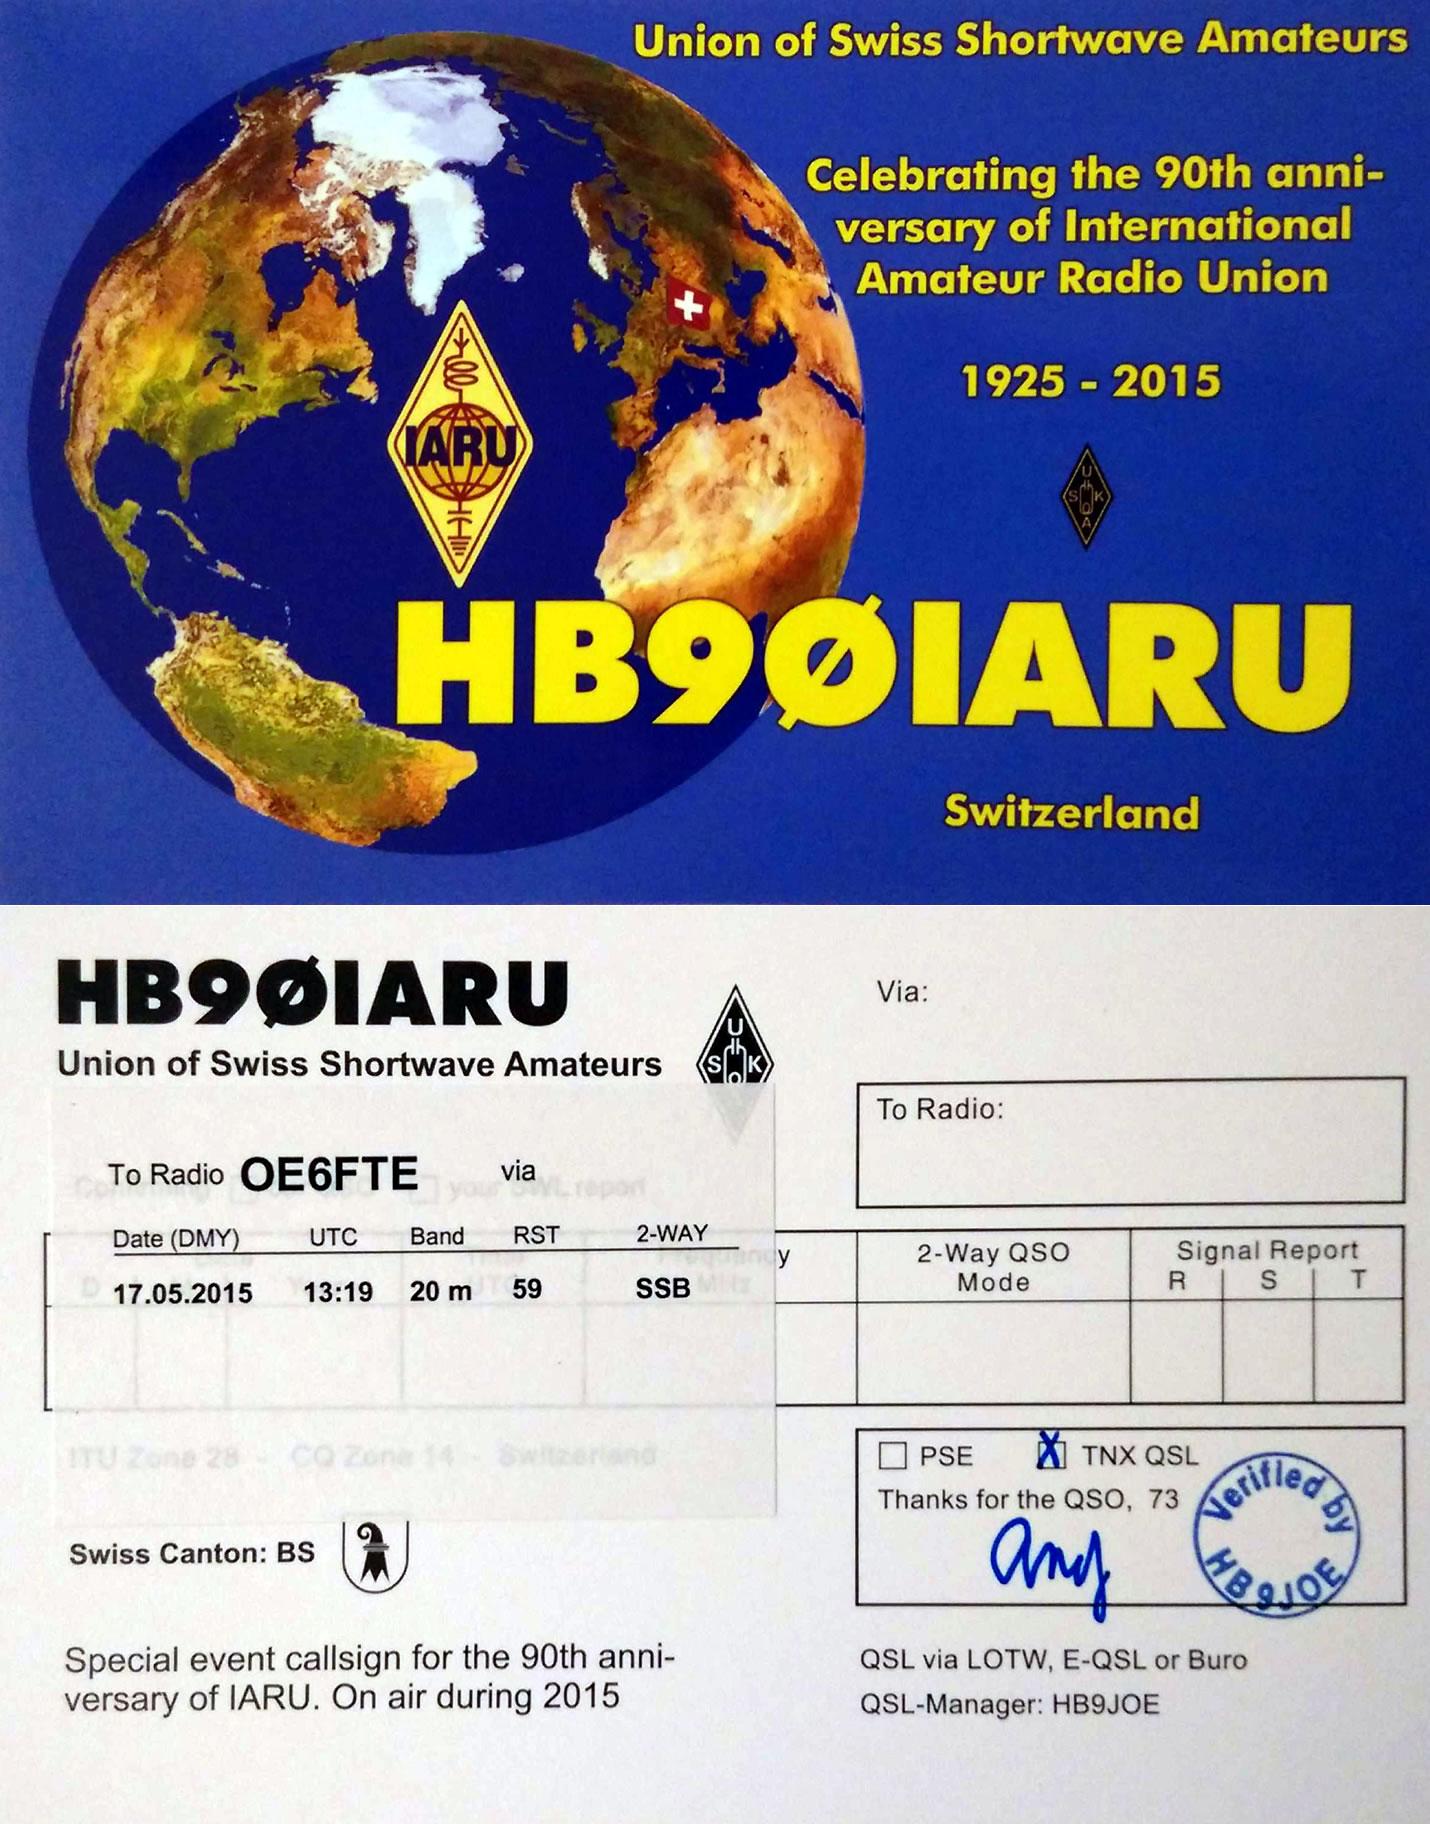 HB90IARU